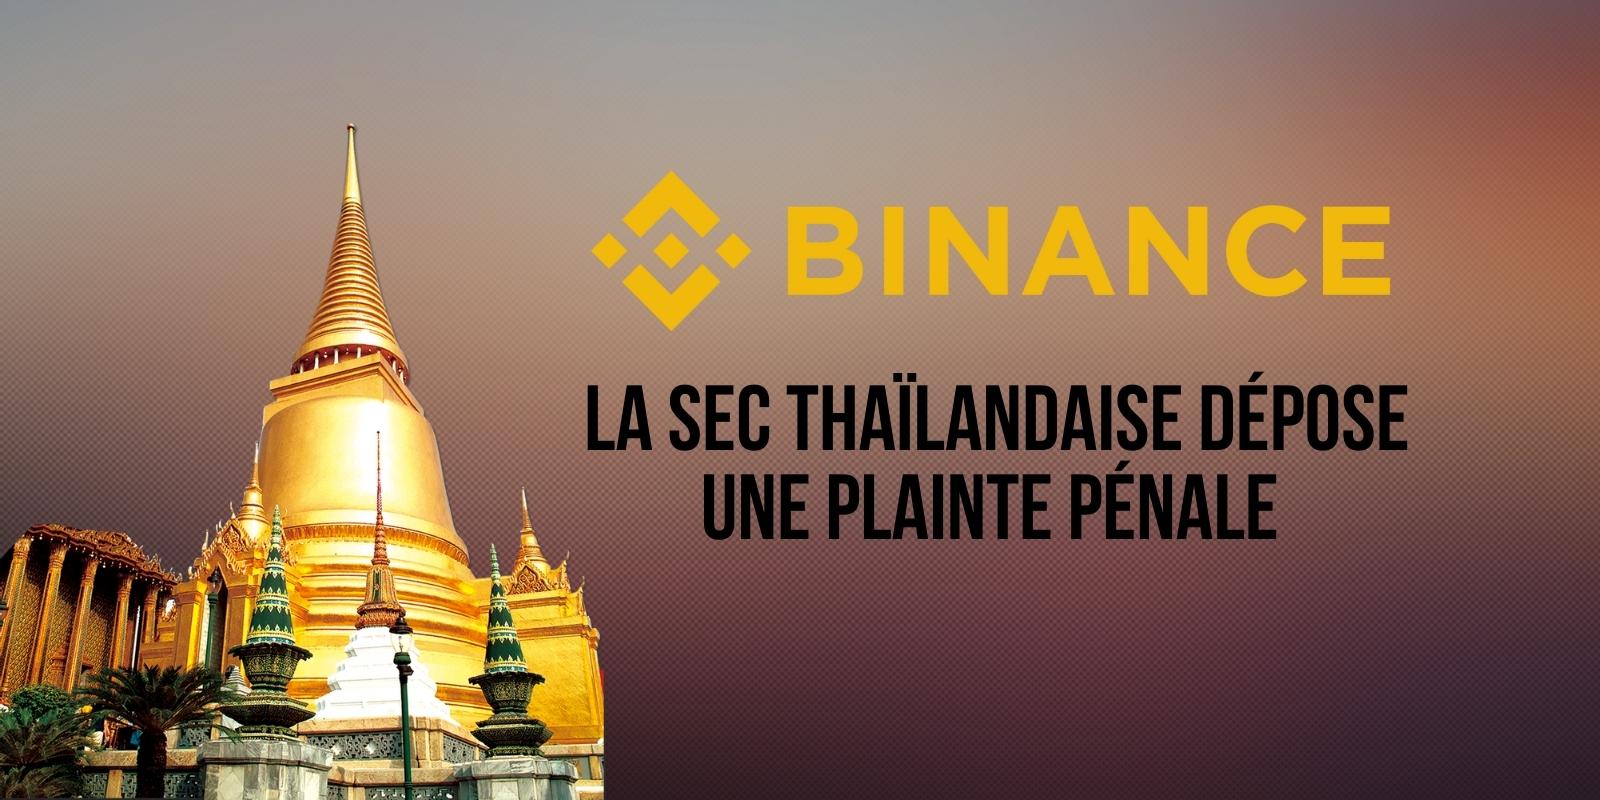 La SEC thaïlandaise dépose une plainte pénale contre Binance